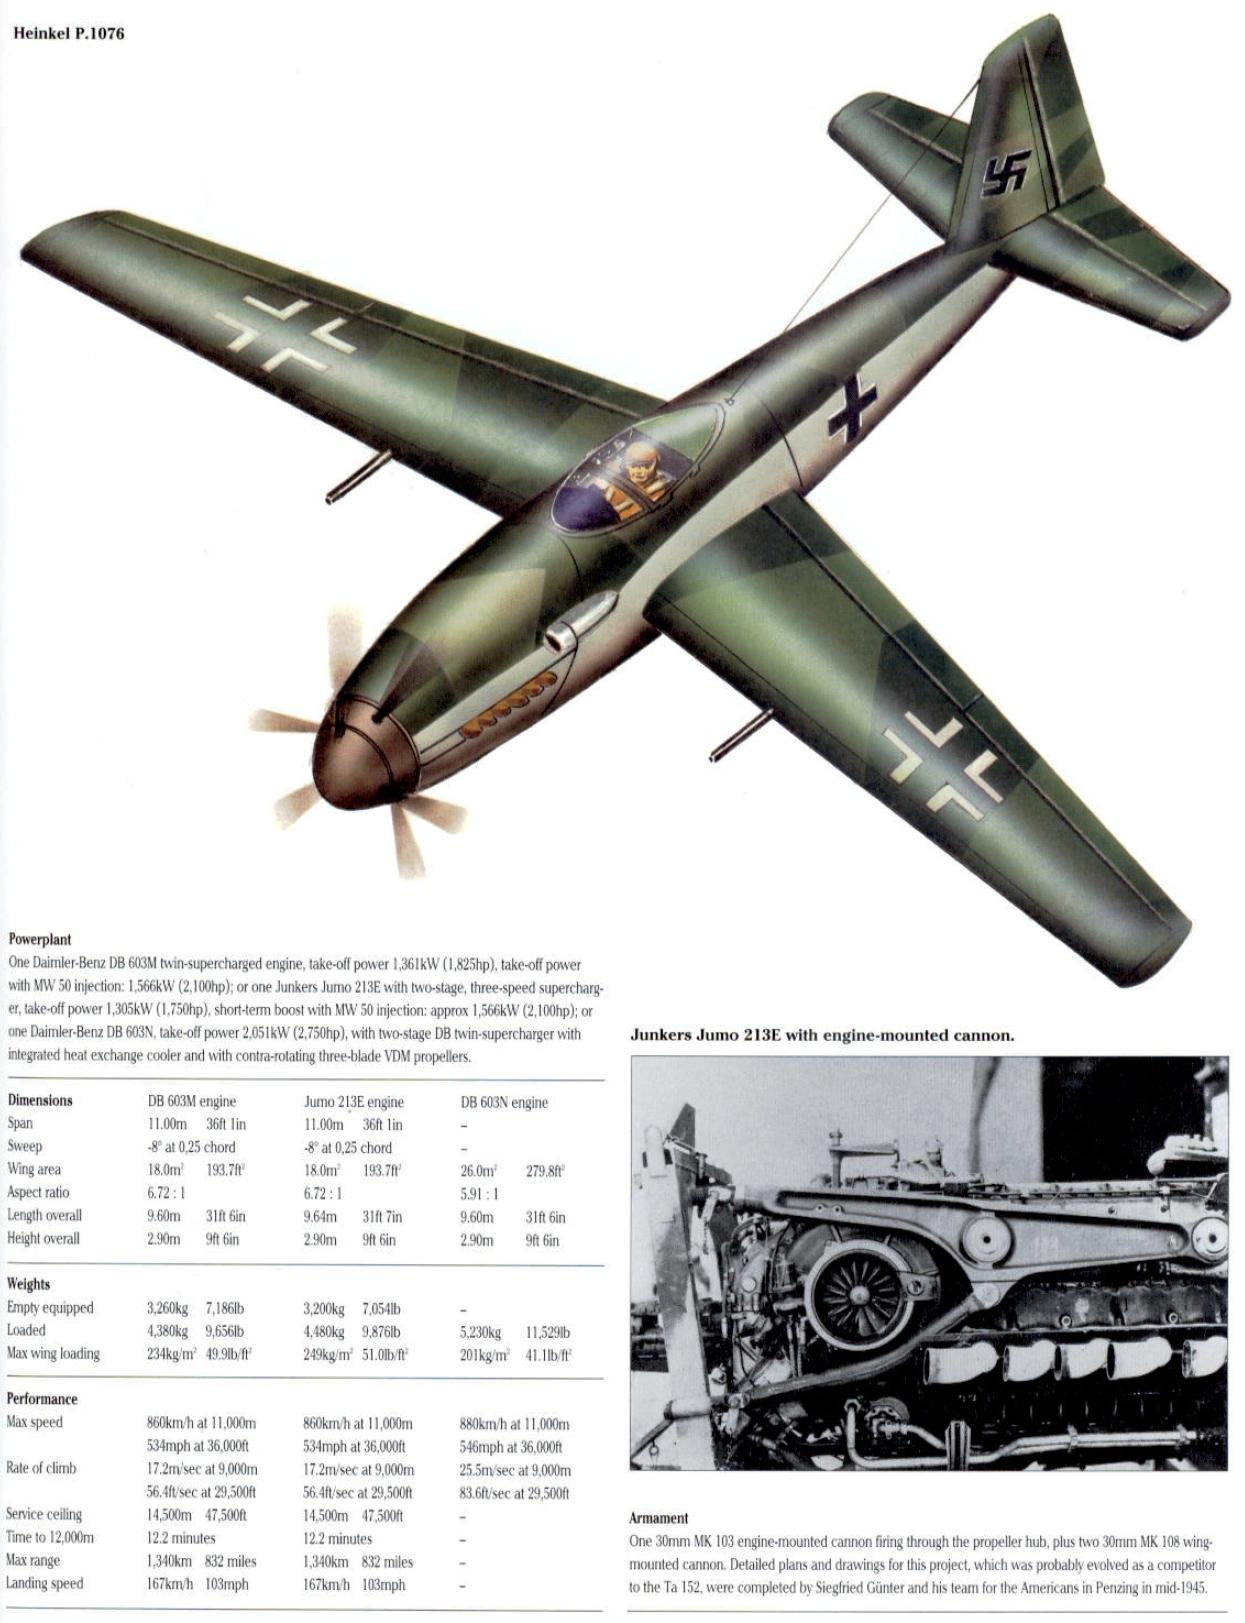 Heinkel 113-1.jpg hep1076.jpg